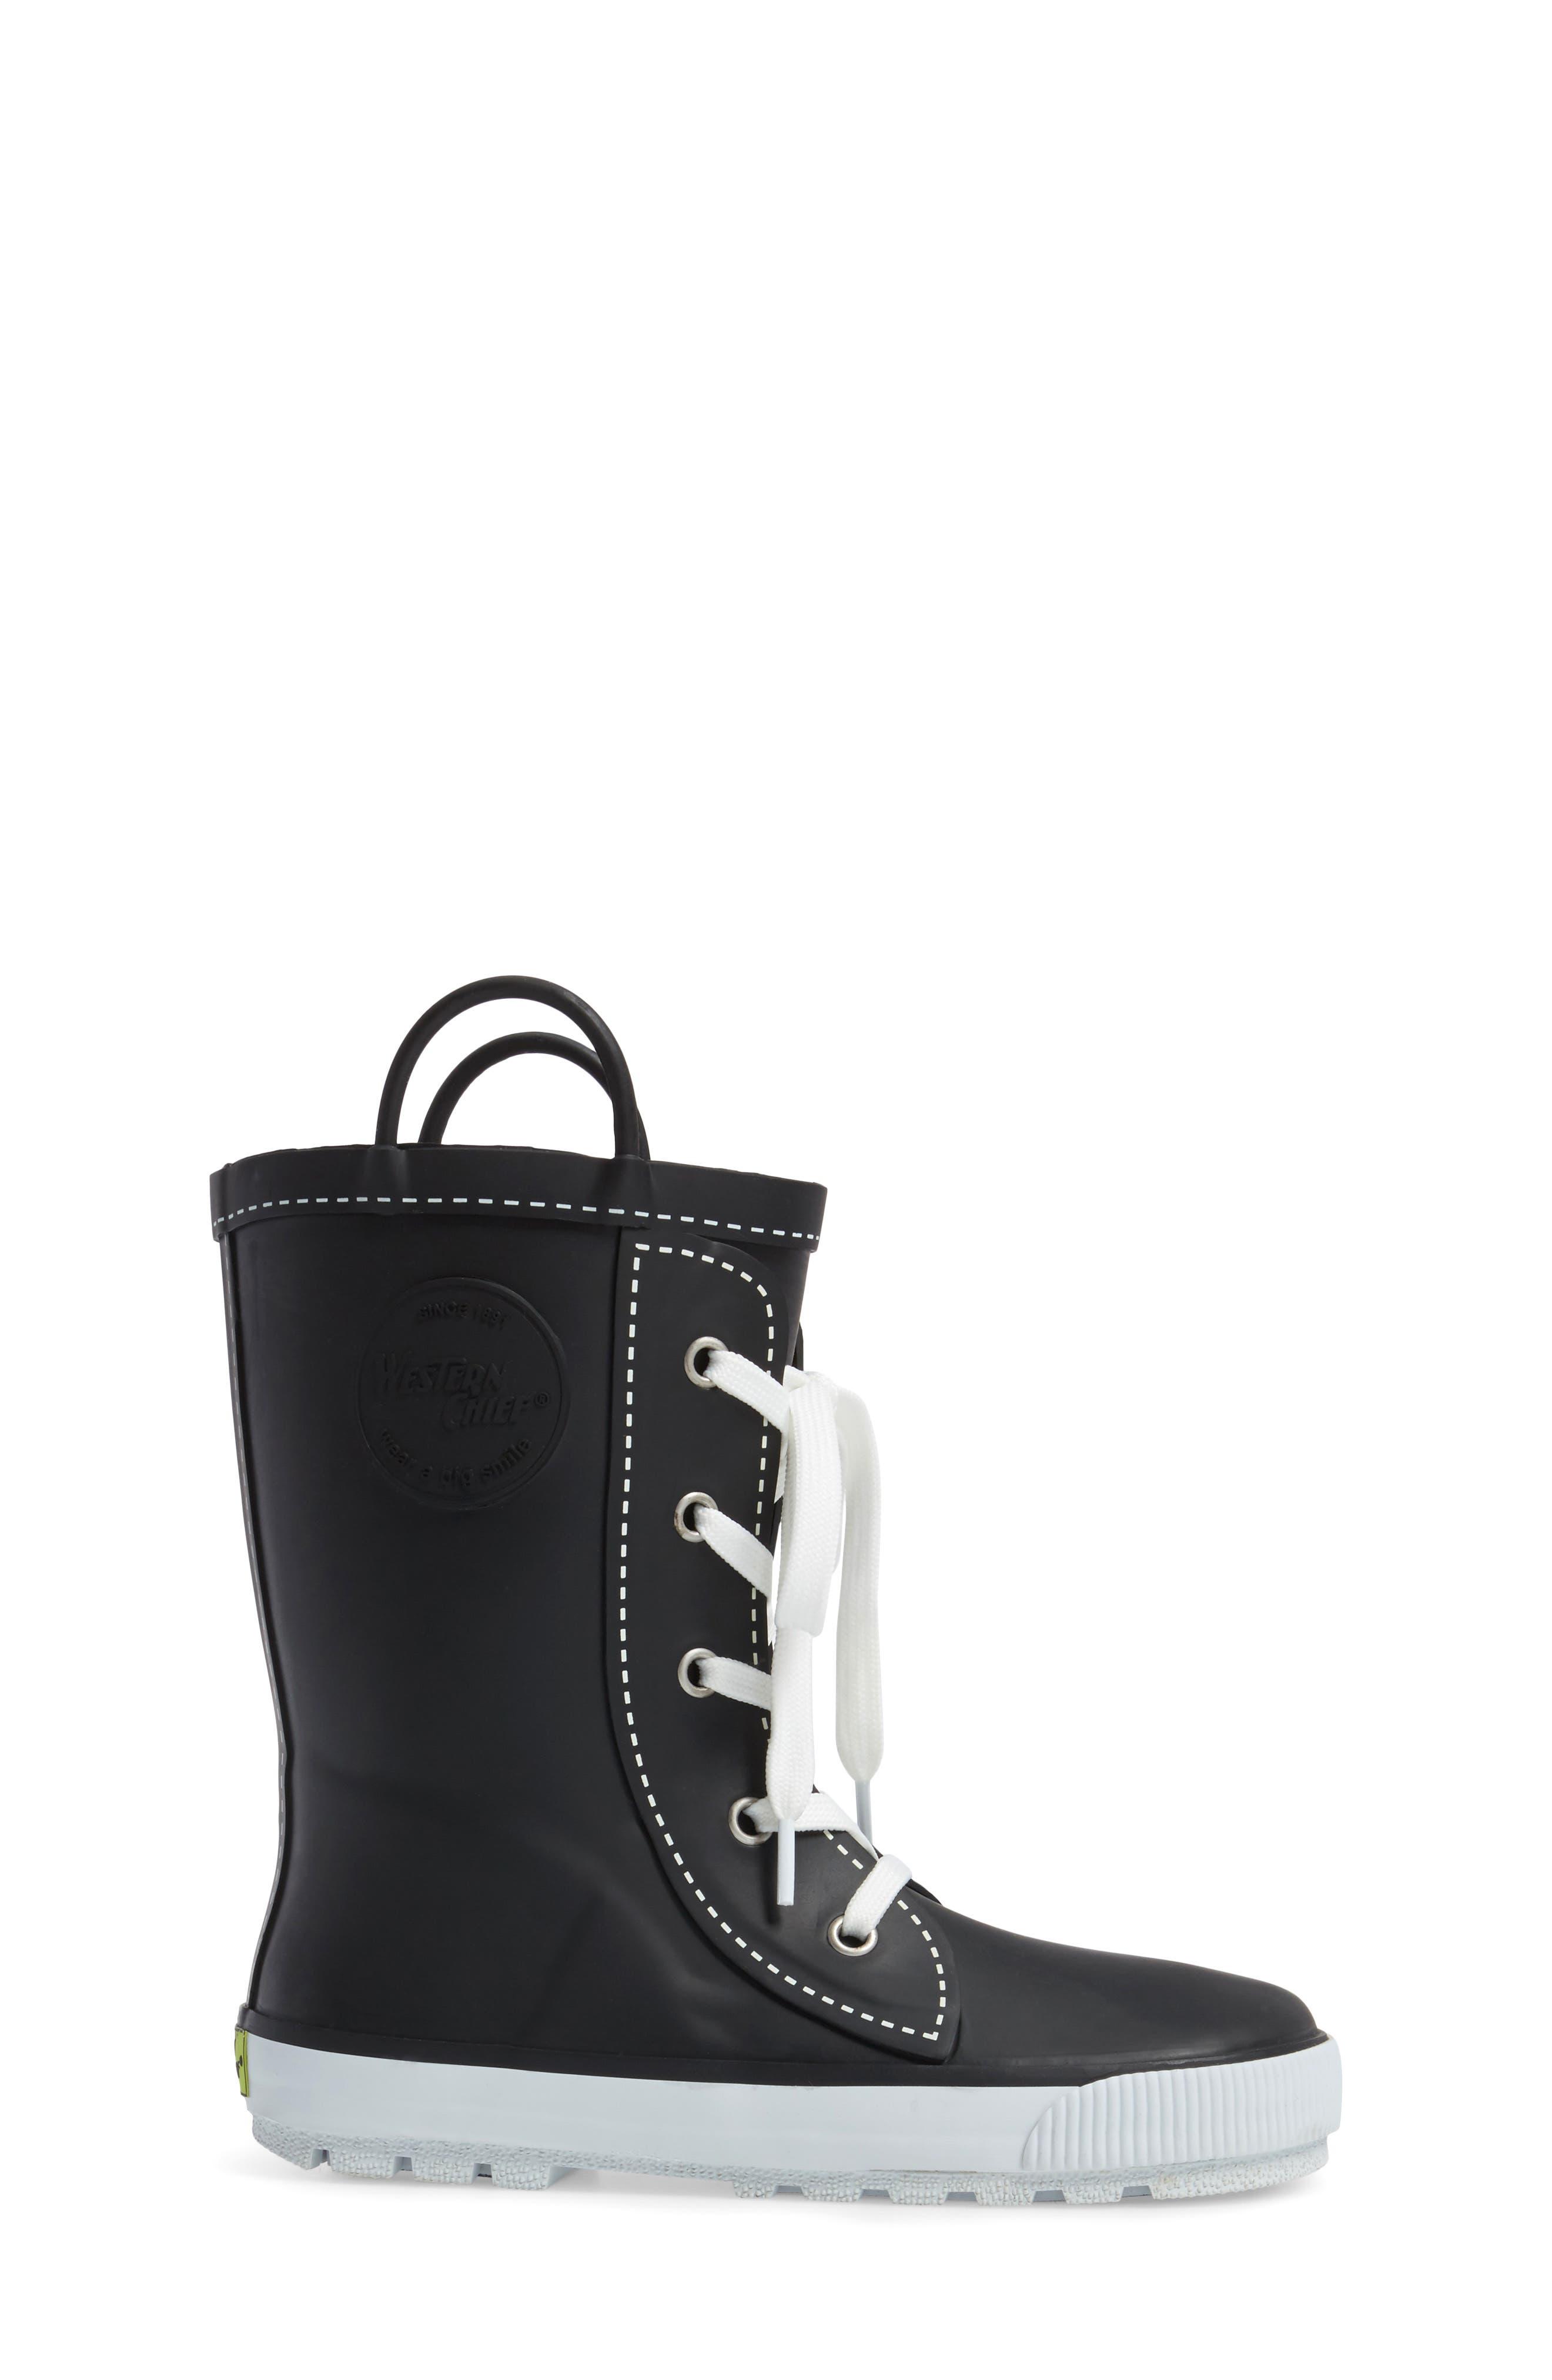 Waterproof Sneaker Rain Boot,                             Alternate thumbnail 3, color,                             001